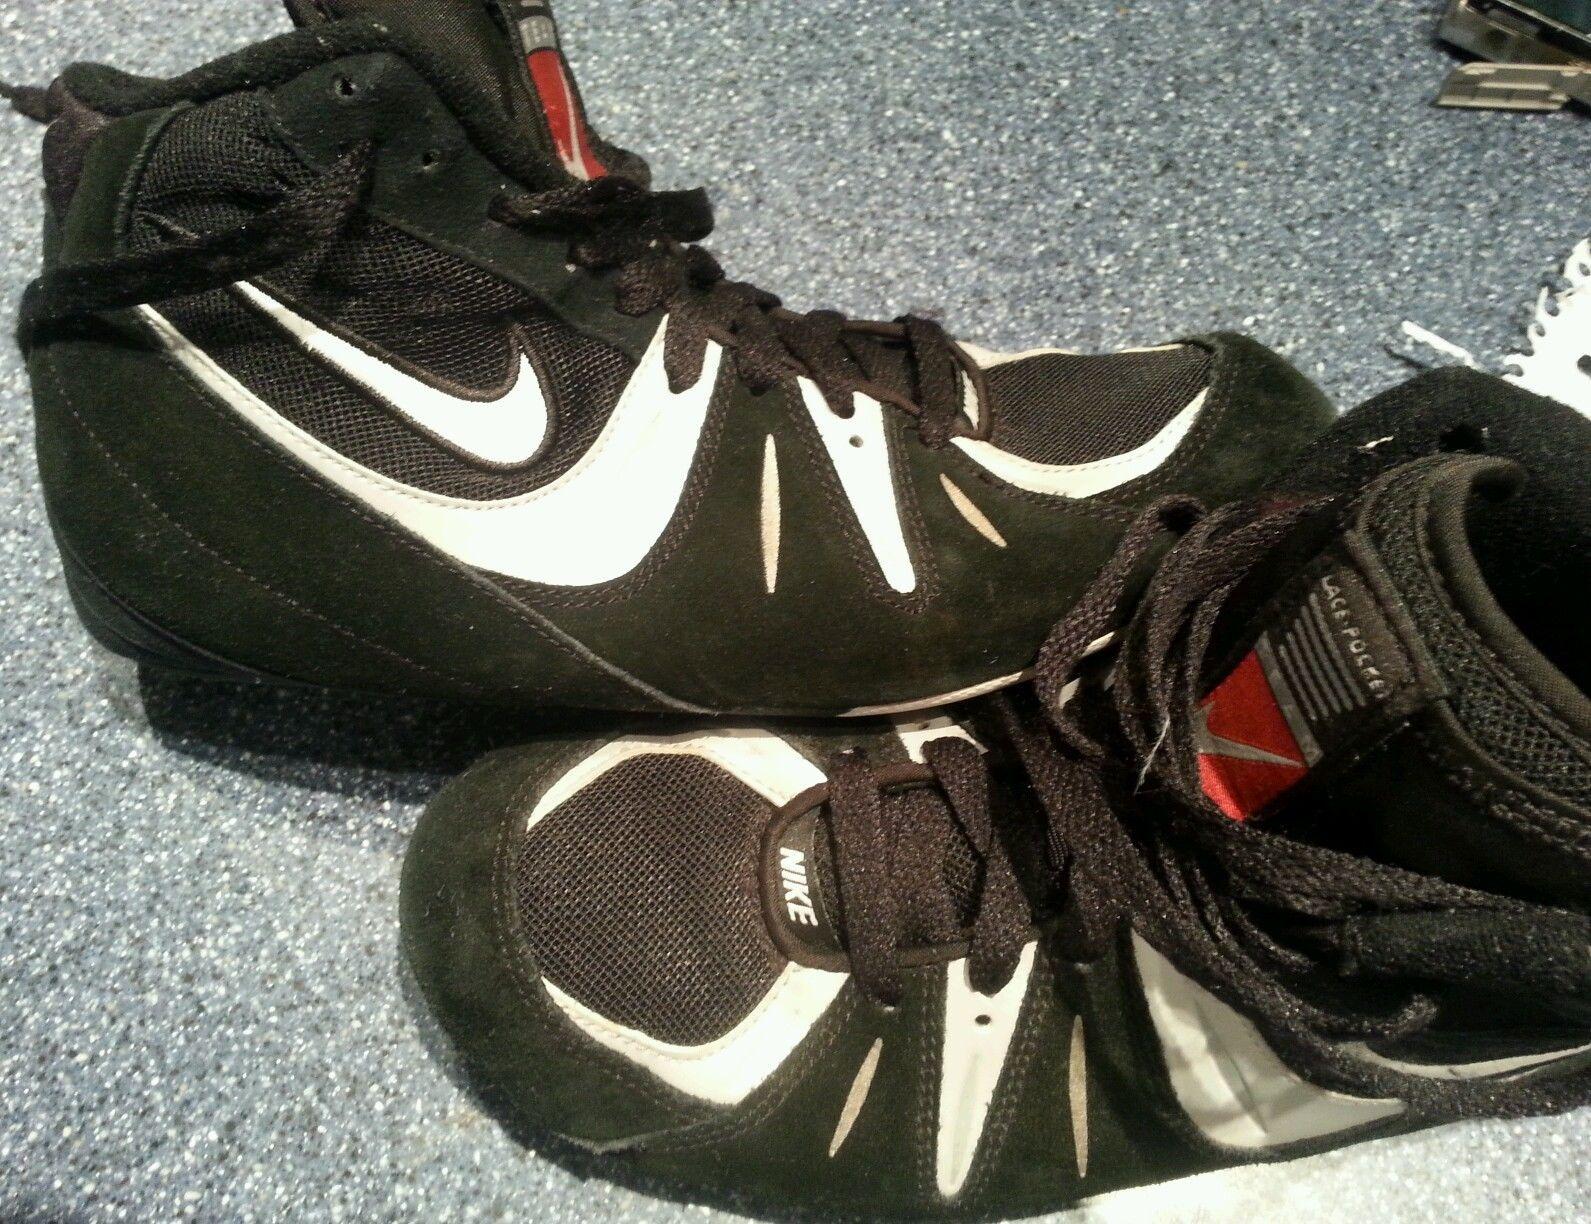 Nike Speedsweep VI Lace Pocket Team Wrestling Shoes Men's Size 7 5 Black |  eBay